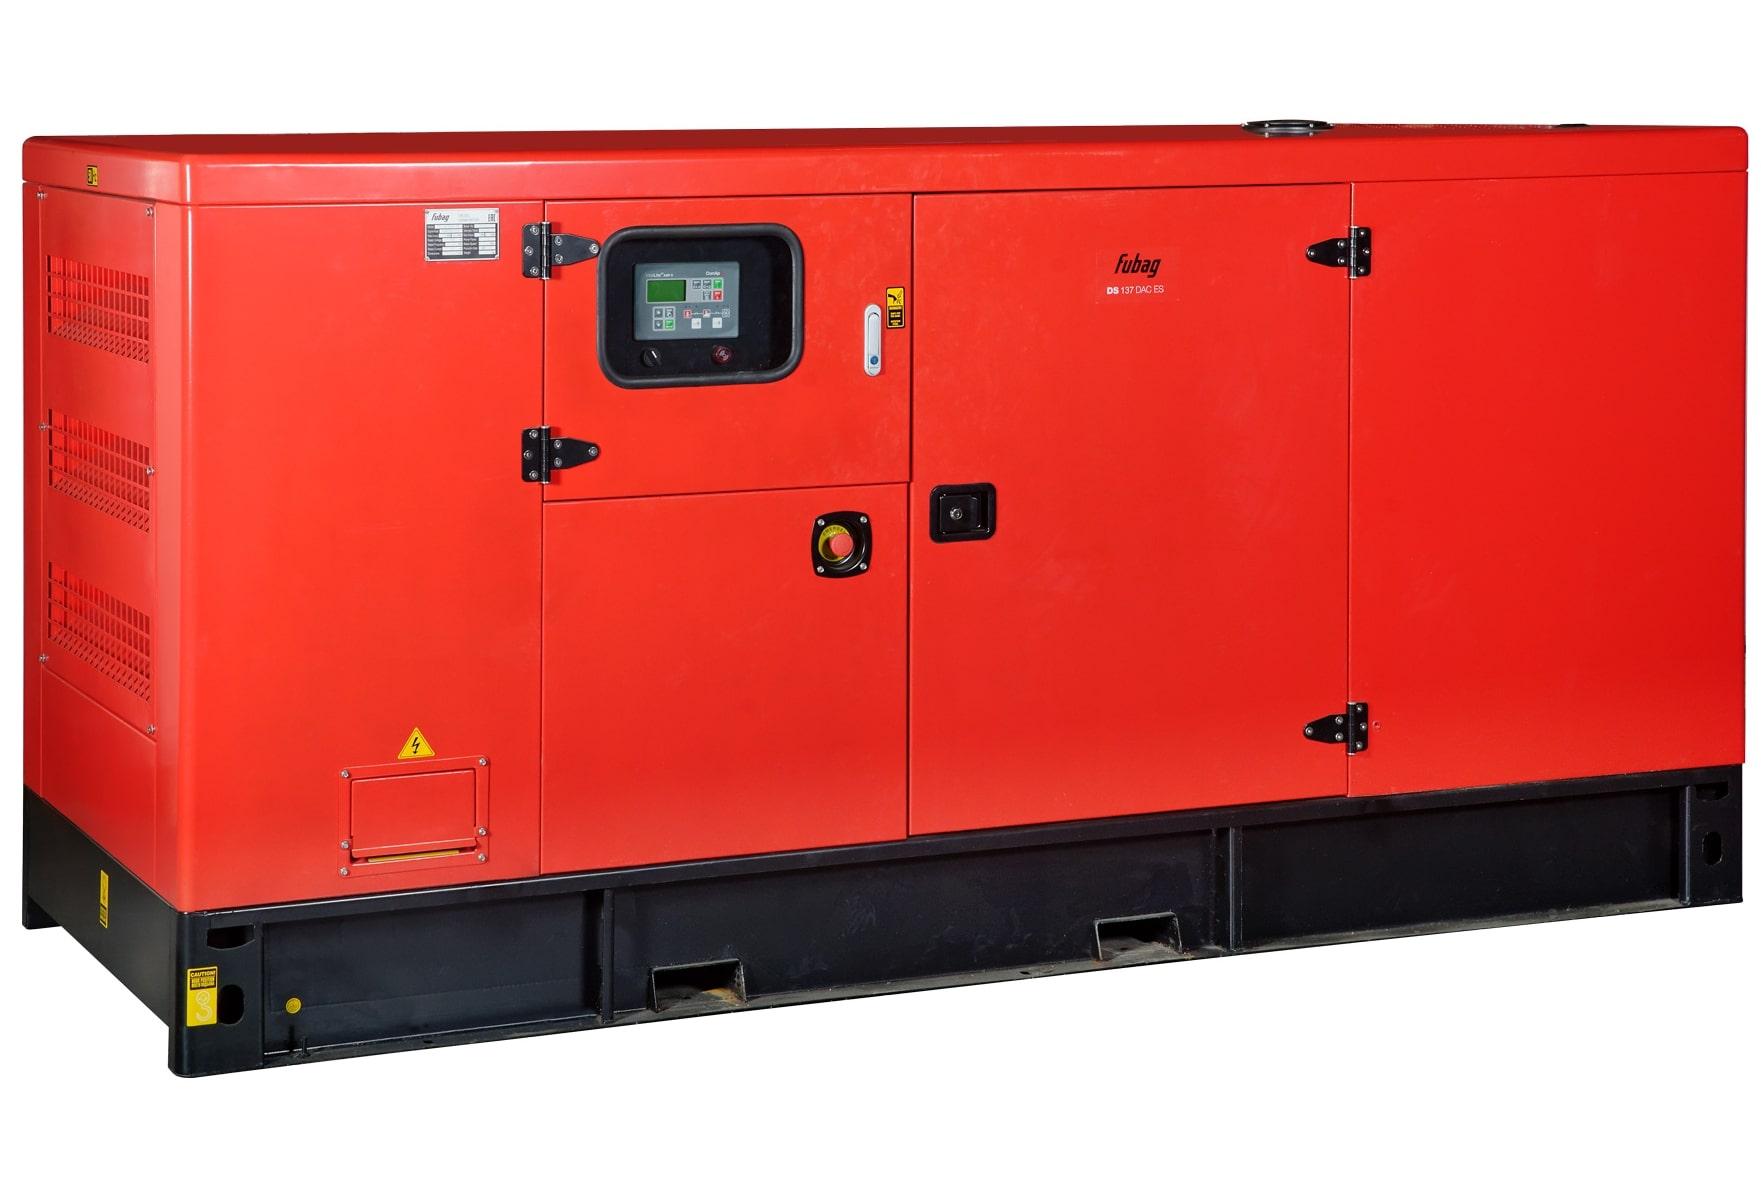 дизельная электростанция fubag ds 137 dac es